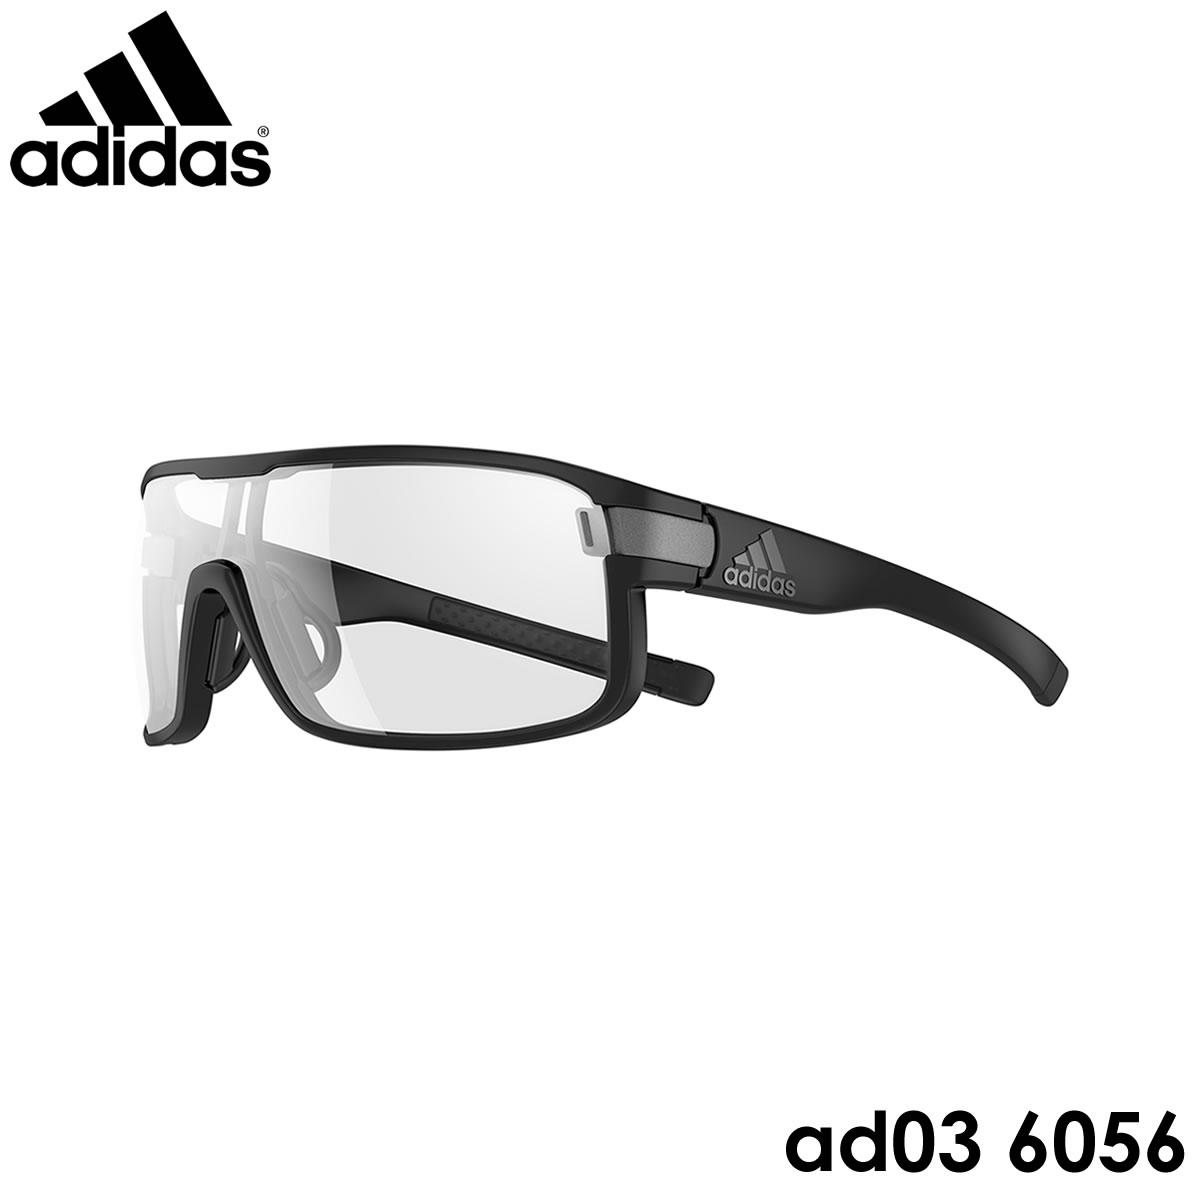 ポイント最大33倍 アディダス adidas サングラスad03 6056ZONYK Lサイズ ゾニック スポーツサングラス アウトドア VARIO 調光レンズ ポイント10倍アディダス adidas メンズ レディース